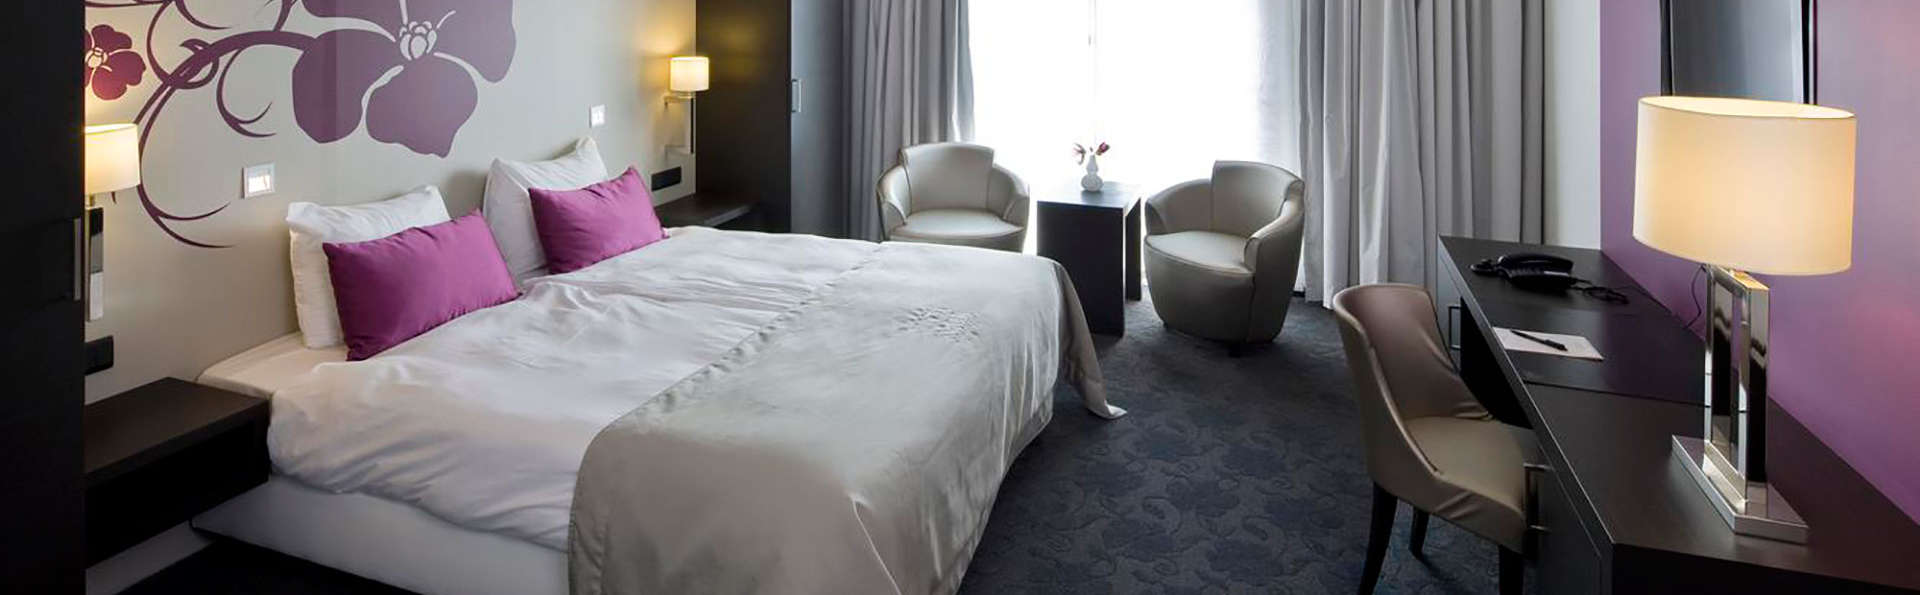 Hotel Van der Valk Brugge Oostkamp - edit_room.jpg